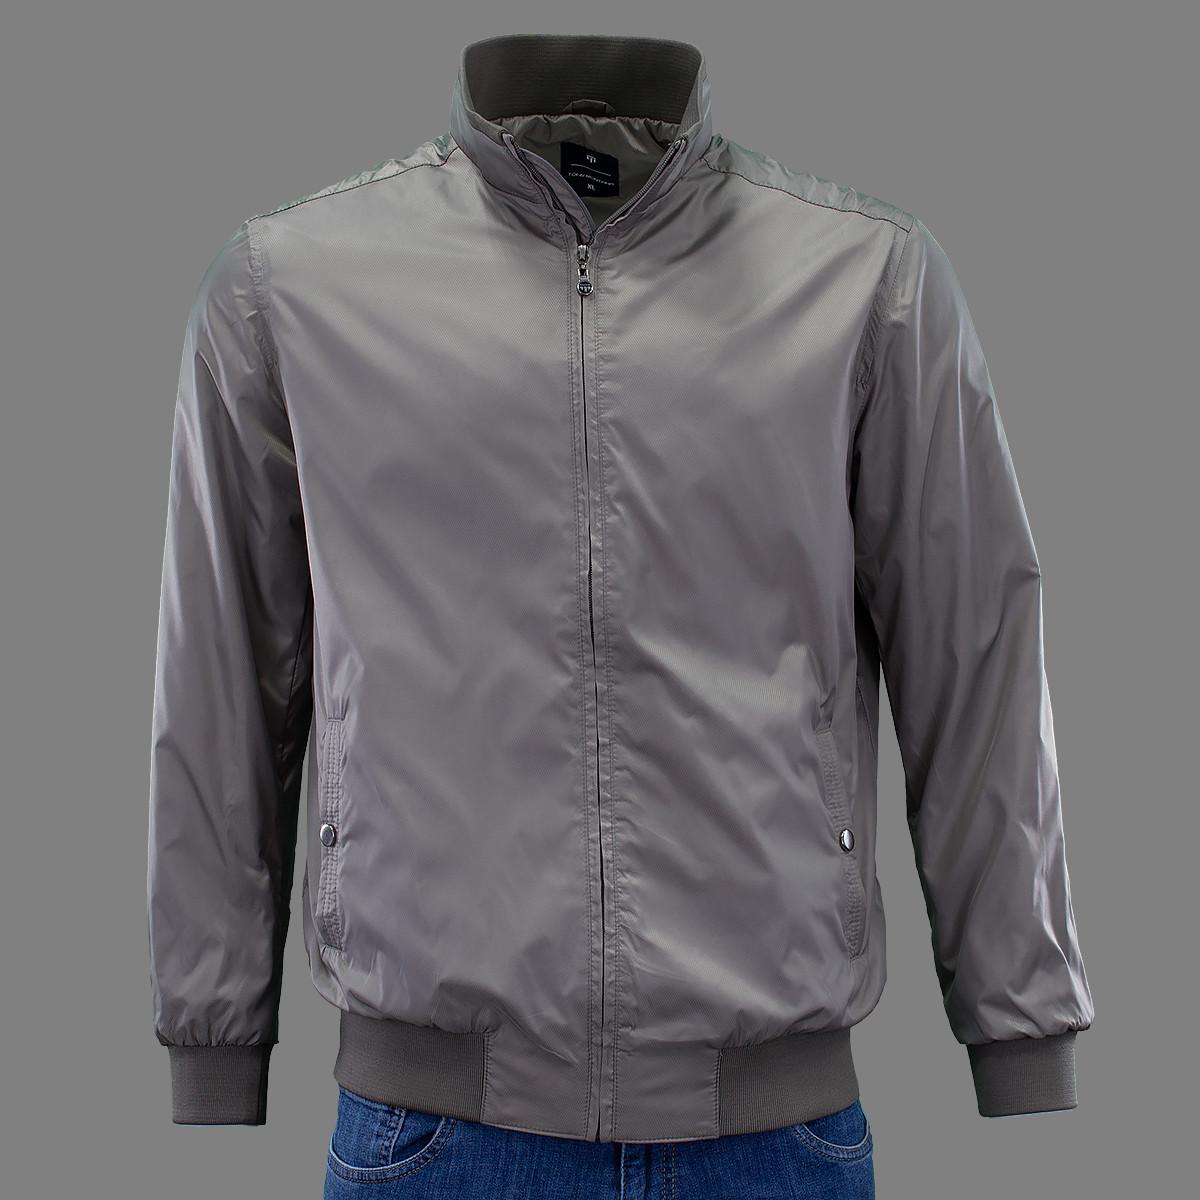 Куртка чоловіча Tony Montana 6138 GRI 100% поліестер L(Р)